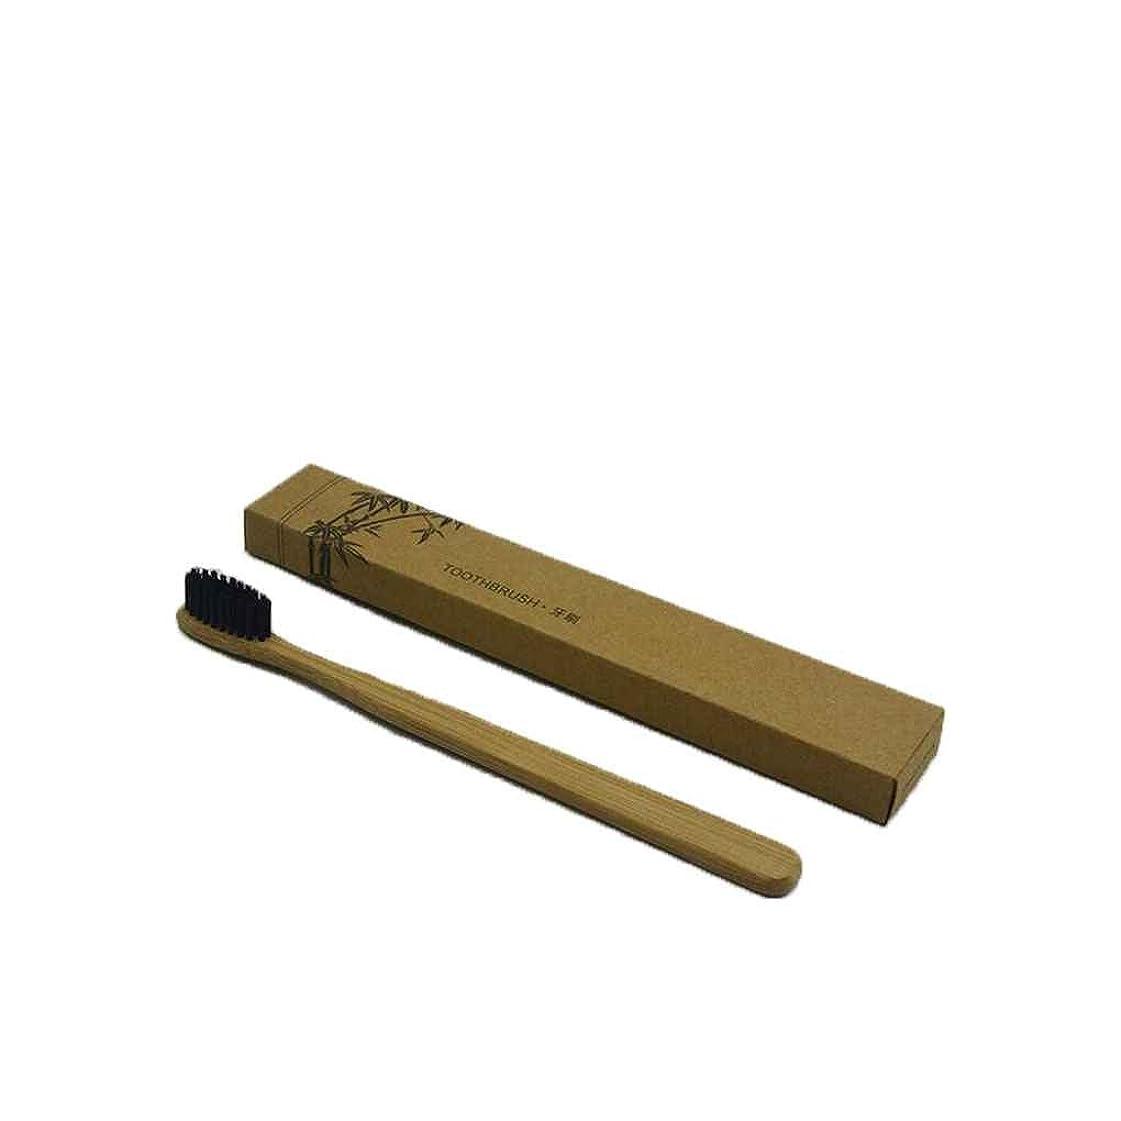 エクスタシー密度むしろuzinby 竹歯ブラシ 低炭生活 天然木 親水性 歯ブラシ 自然竹ハンドル 分解性 歯ブラシ 環境保護材料